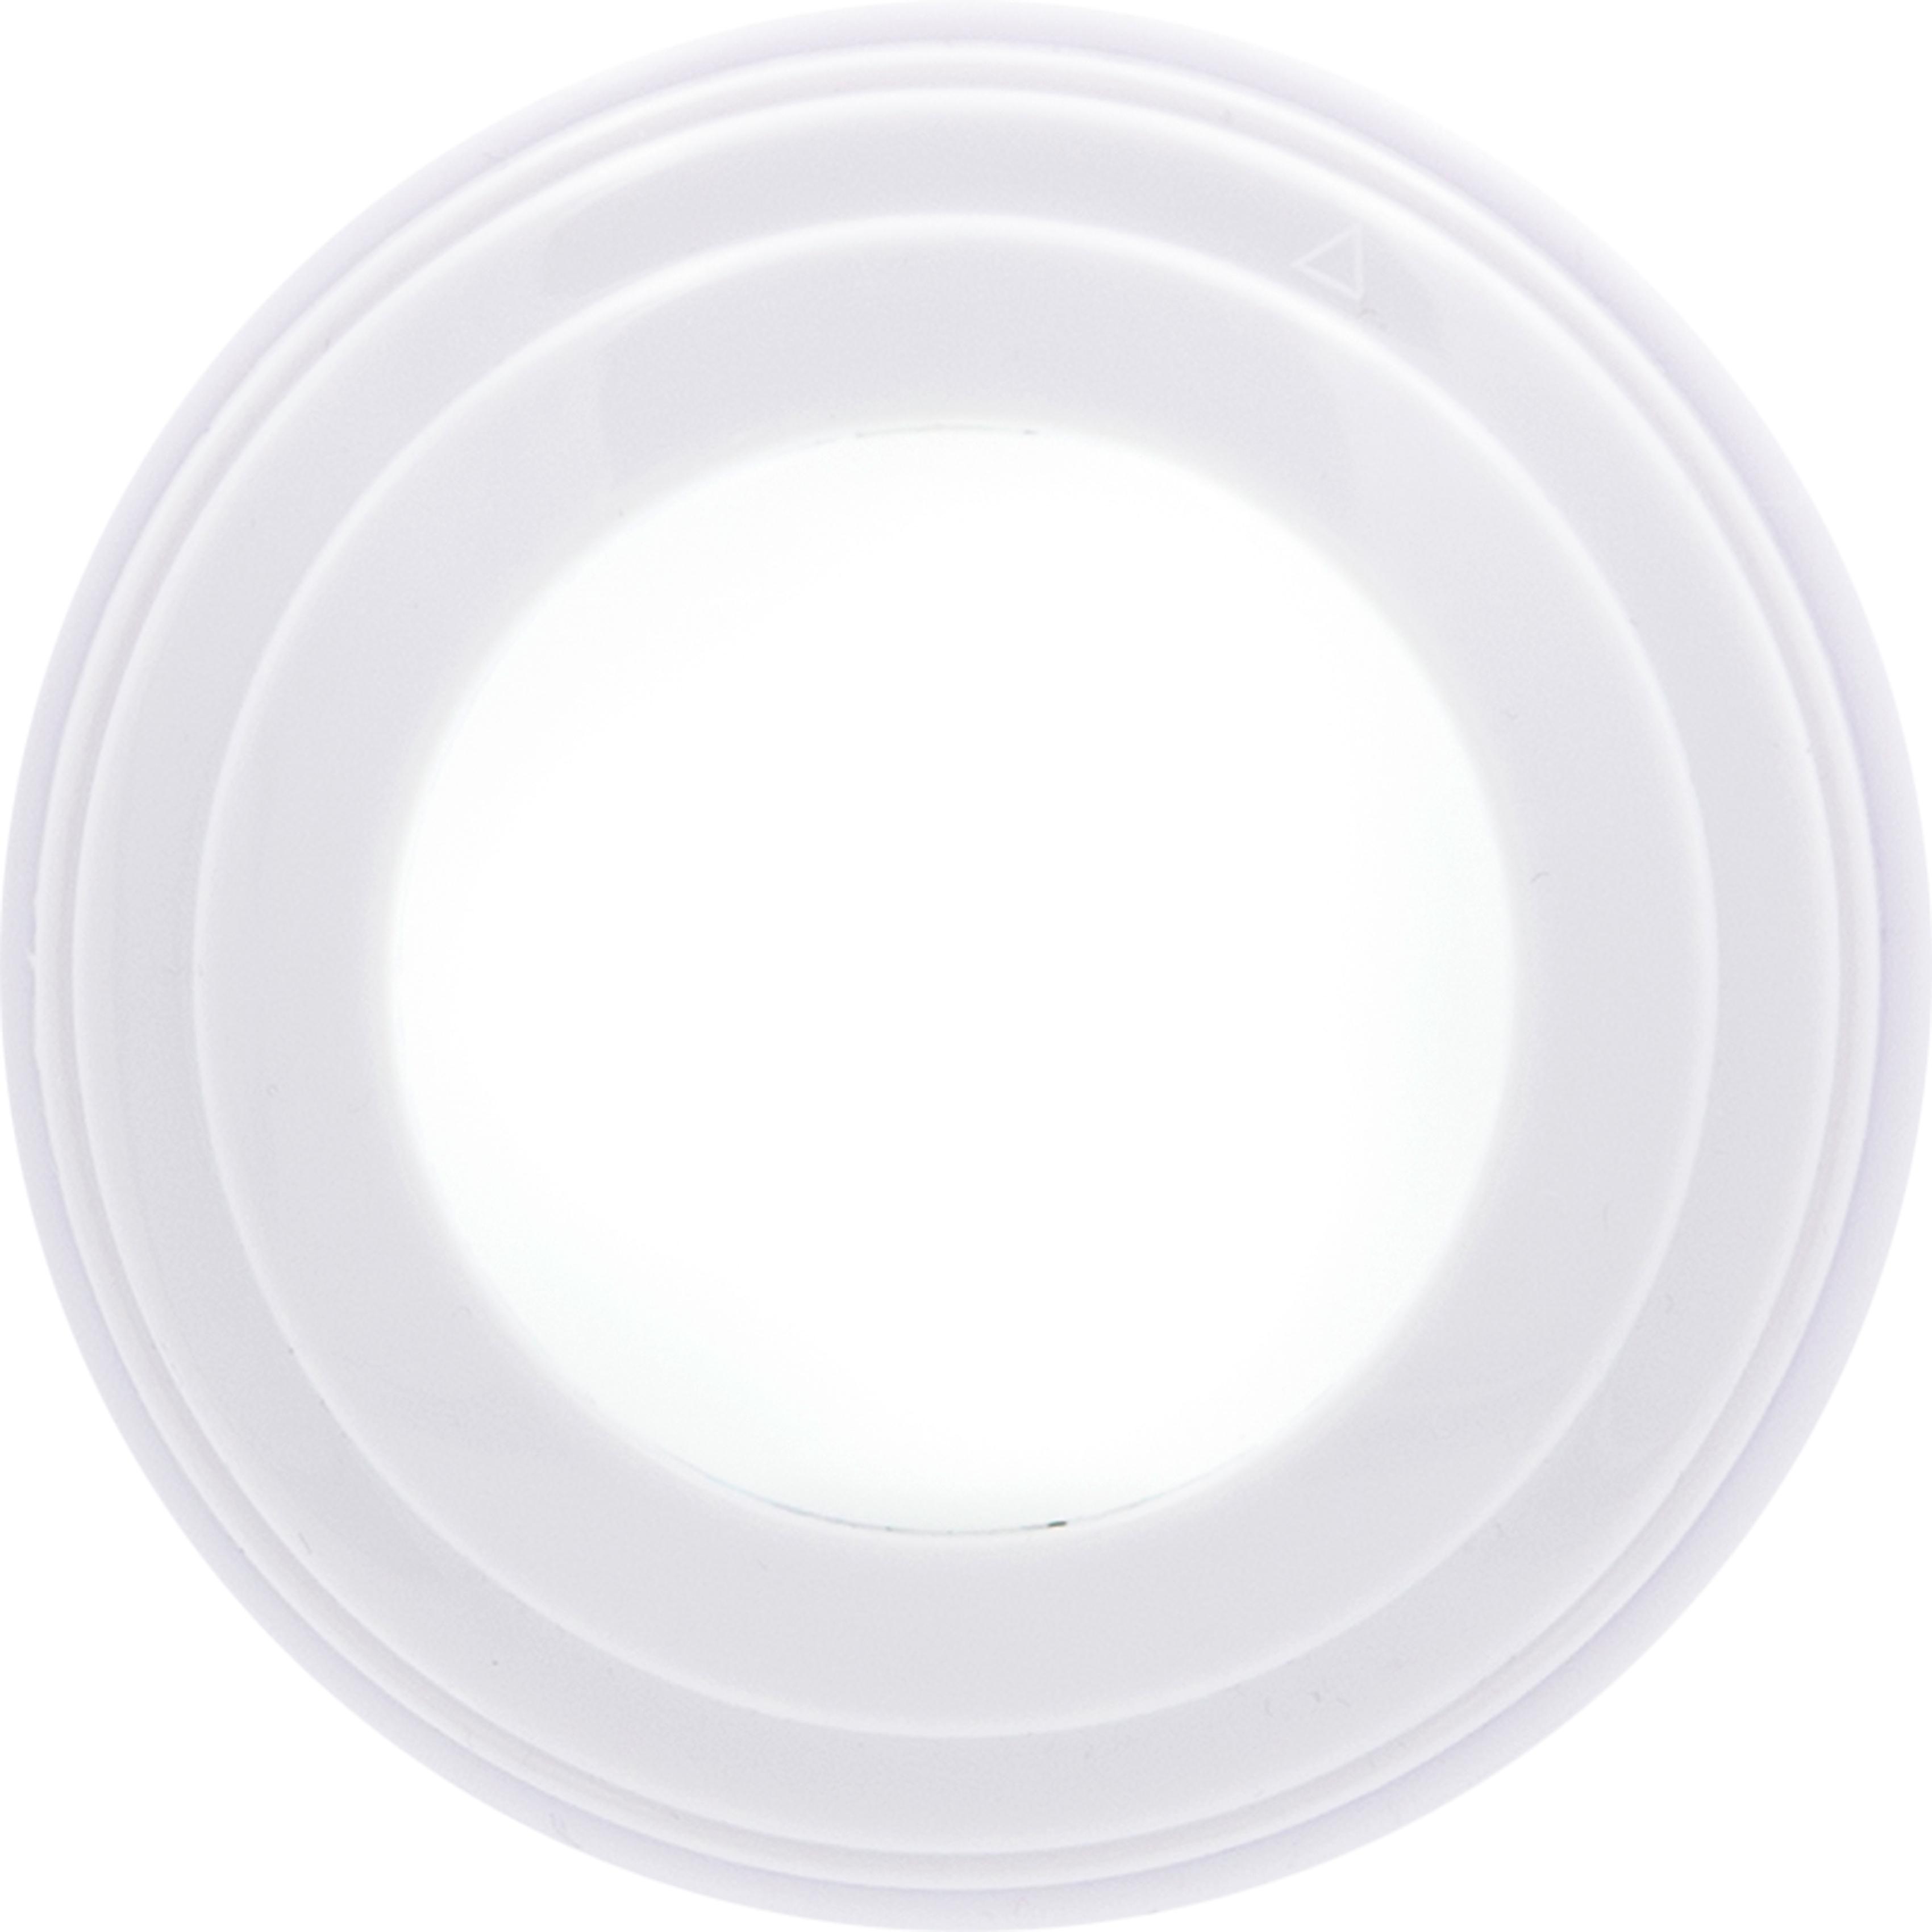 MediaShop LED Wandleuchte HANDY Lux, LED-Board, 10 St., Farbwechsler, Set mit 10 Lampen und Fernbedienung, Farbwechsel, Kabellos, leicht & fexibel einsetzbar, einfache Montage - kein bohren & schrauben